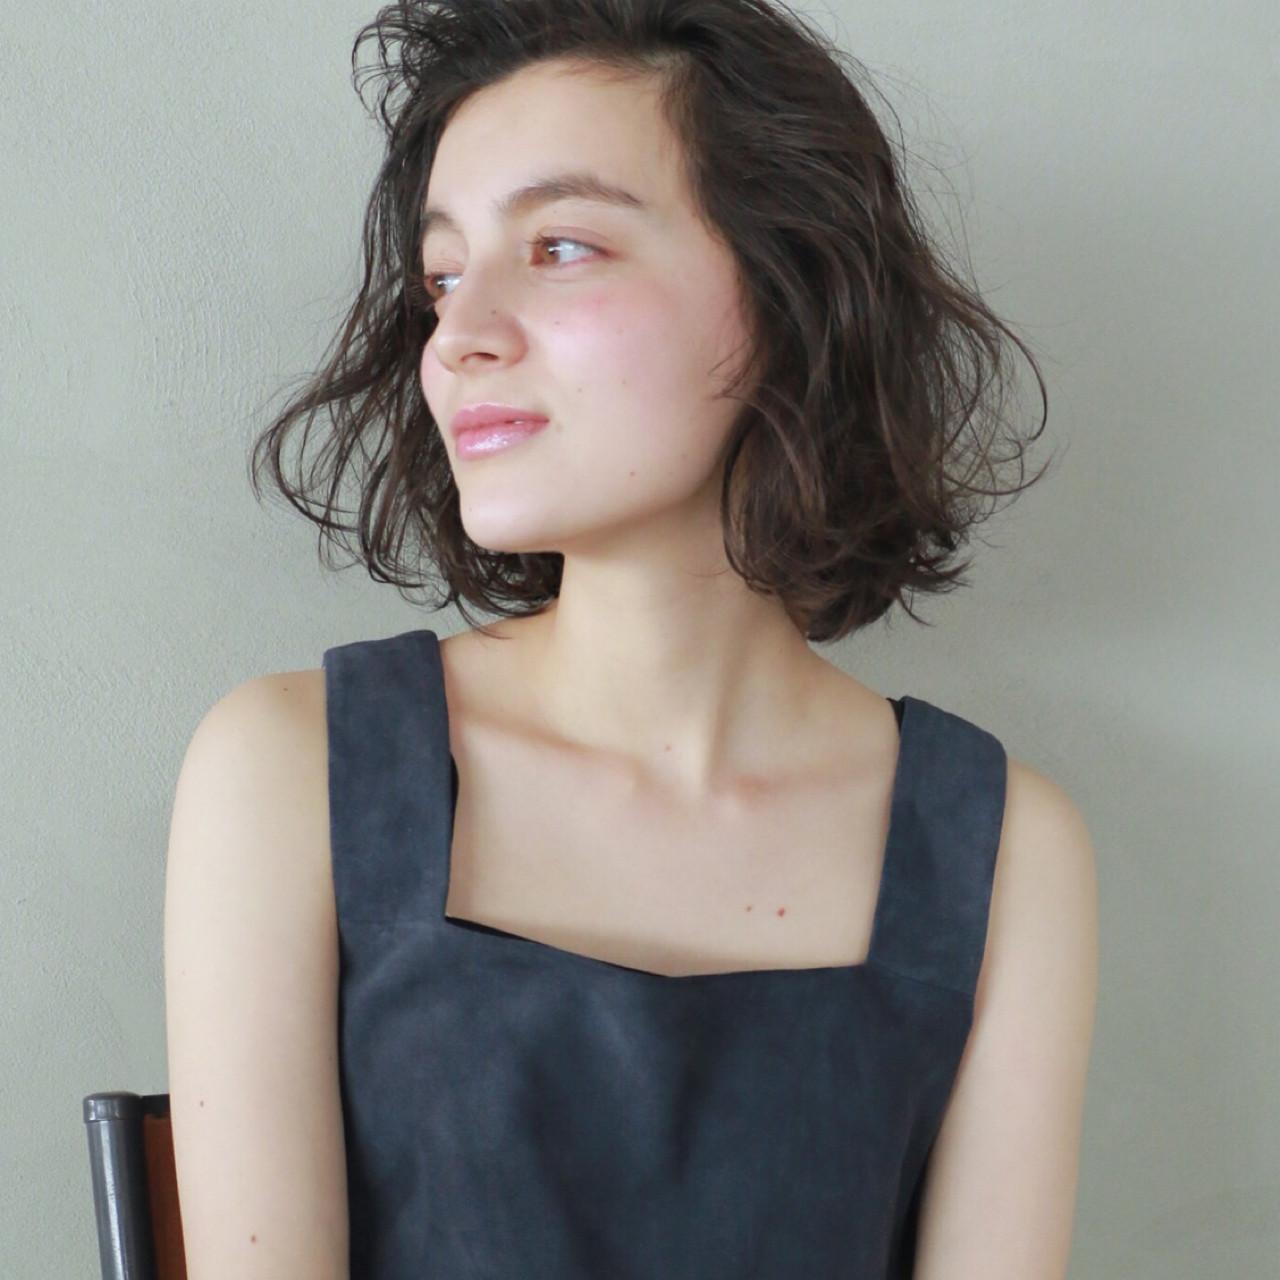 くせ毛風 暗髪 外国人風カラー ボブ ヘアスタイルや髪型の写真・画像 | 高橋 忍 / nanuk渋谷店(ナヌーク)